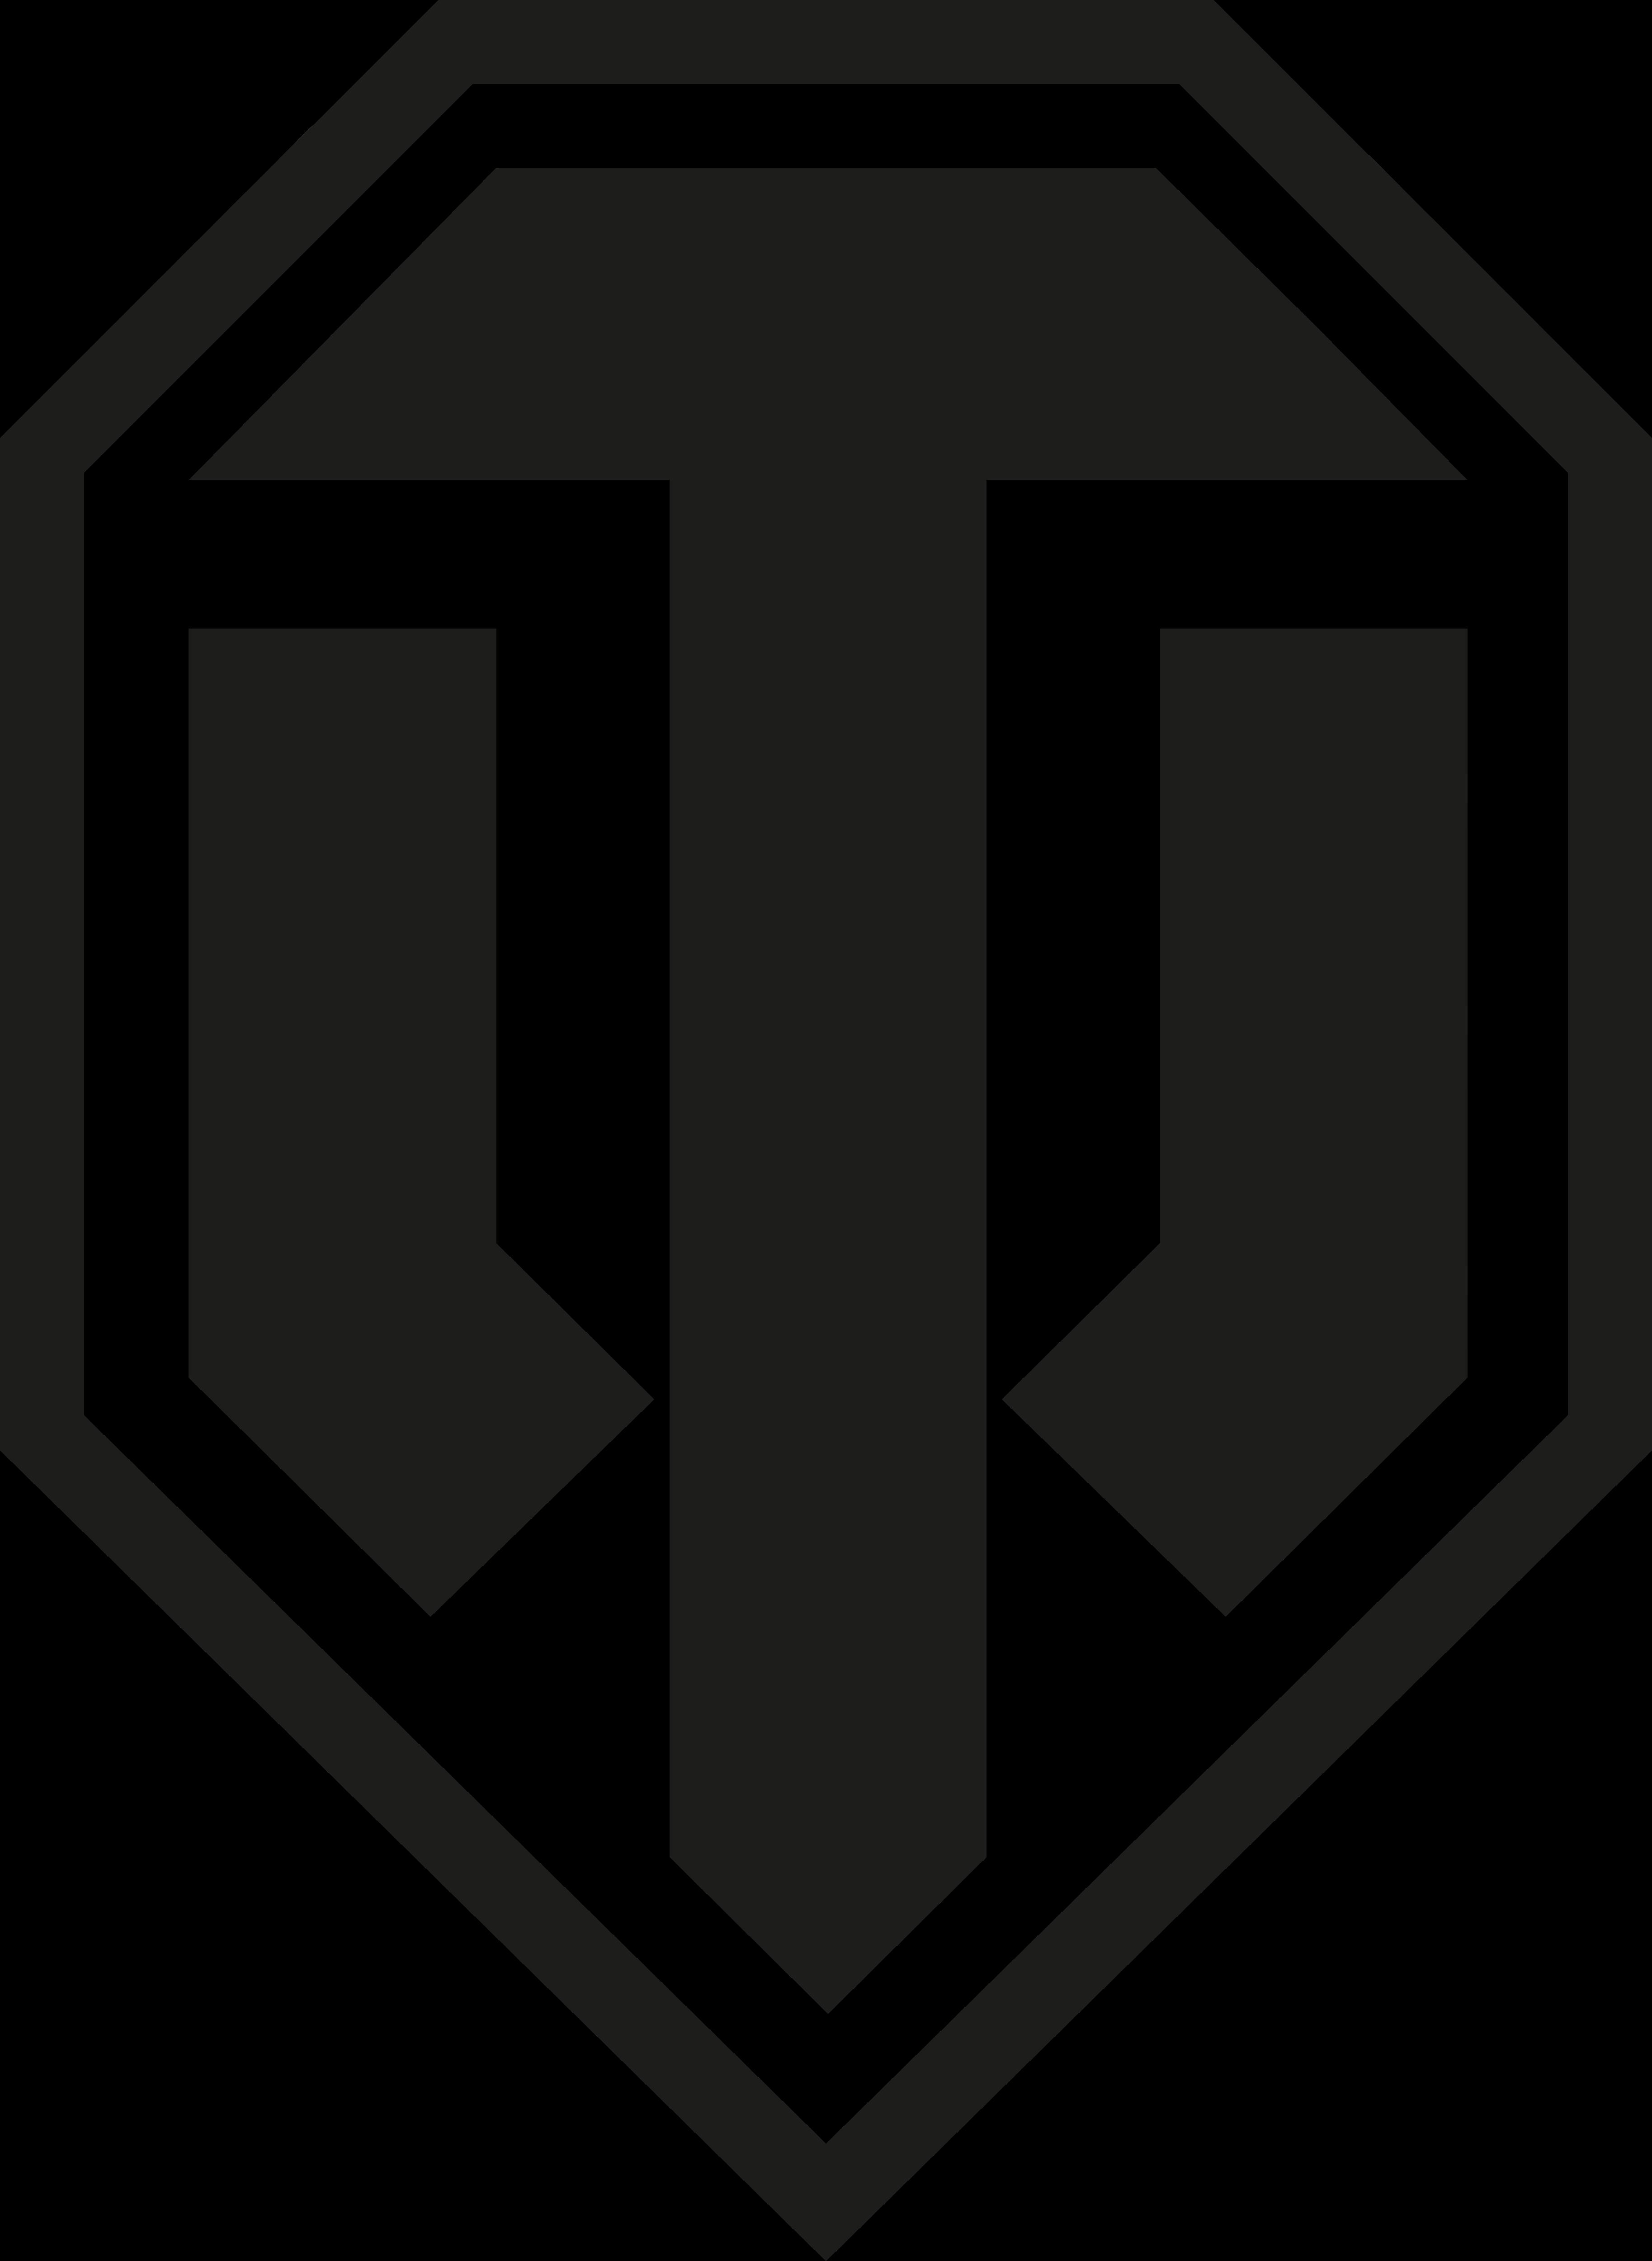 азиатский логотип танки картинки красивые, минималистичные